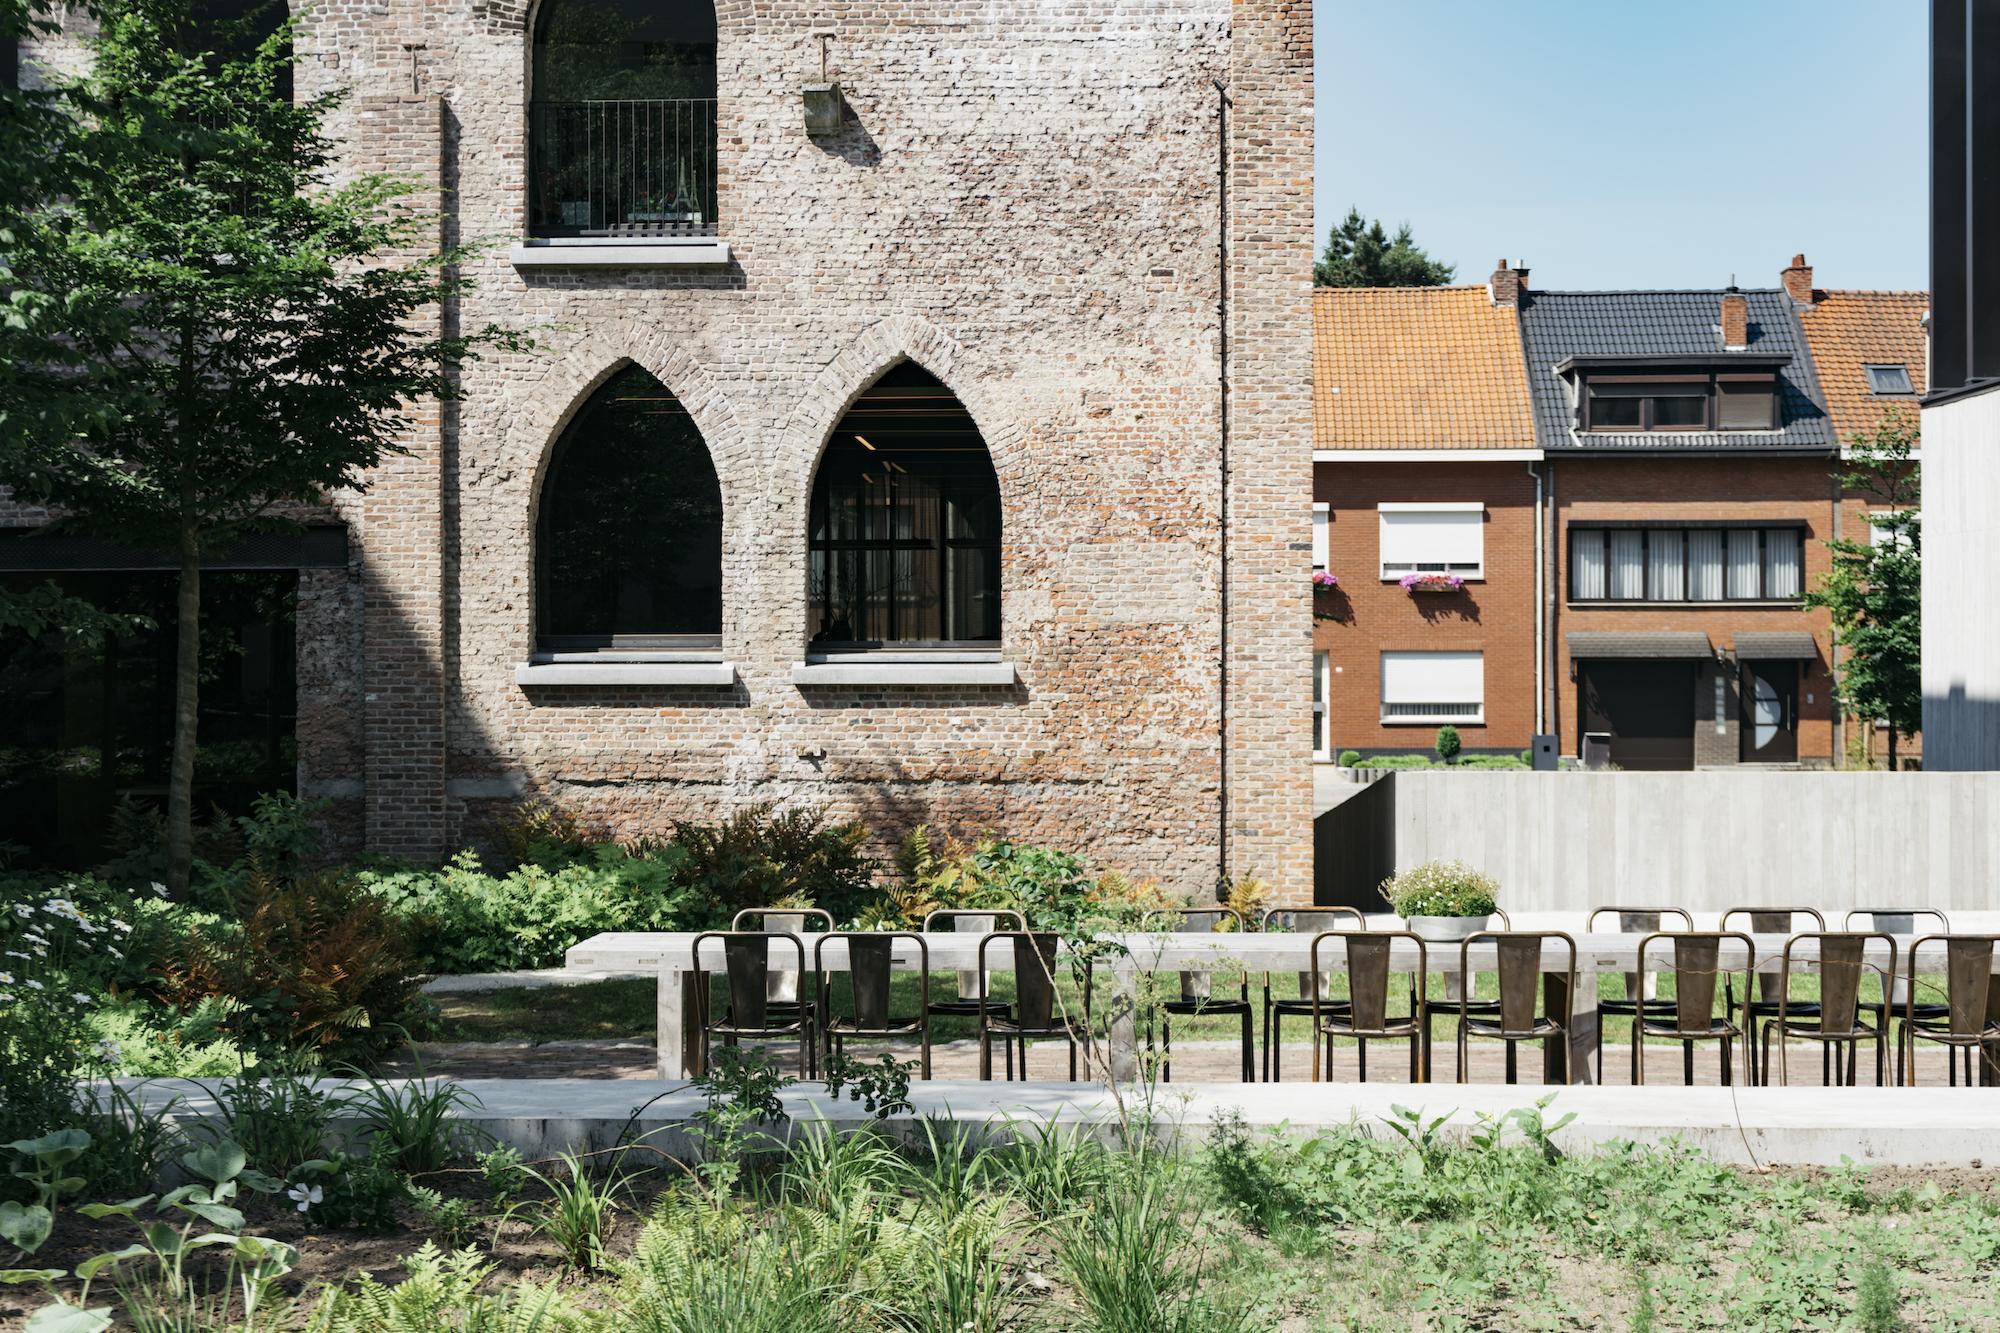 Kanaal, un universo incantato a pochi passi da Anversa | Collater.al